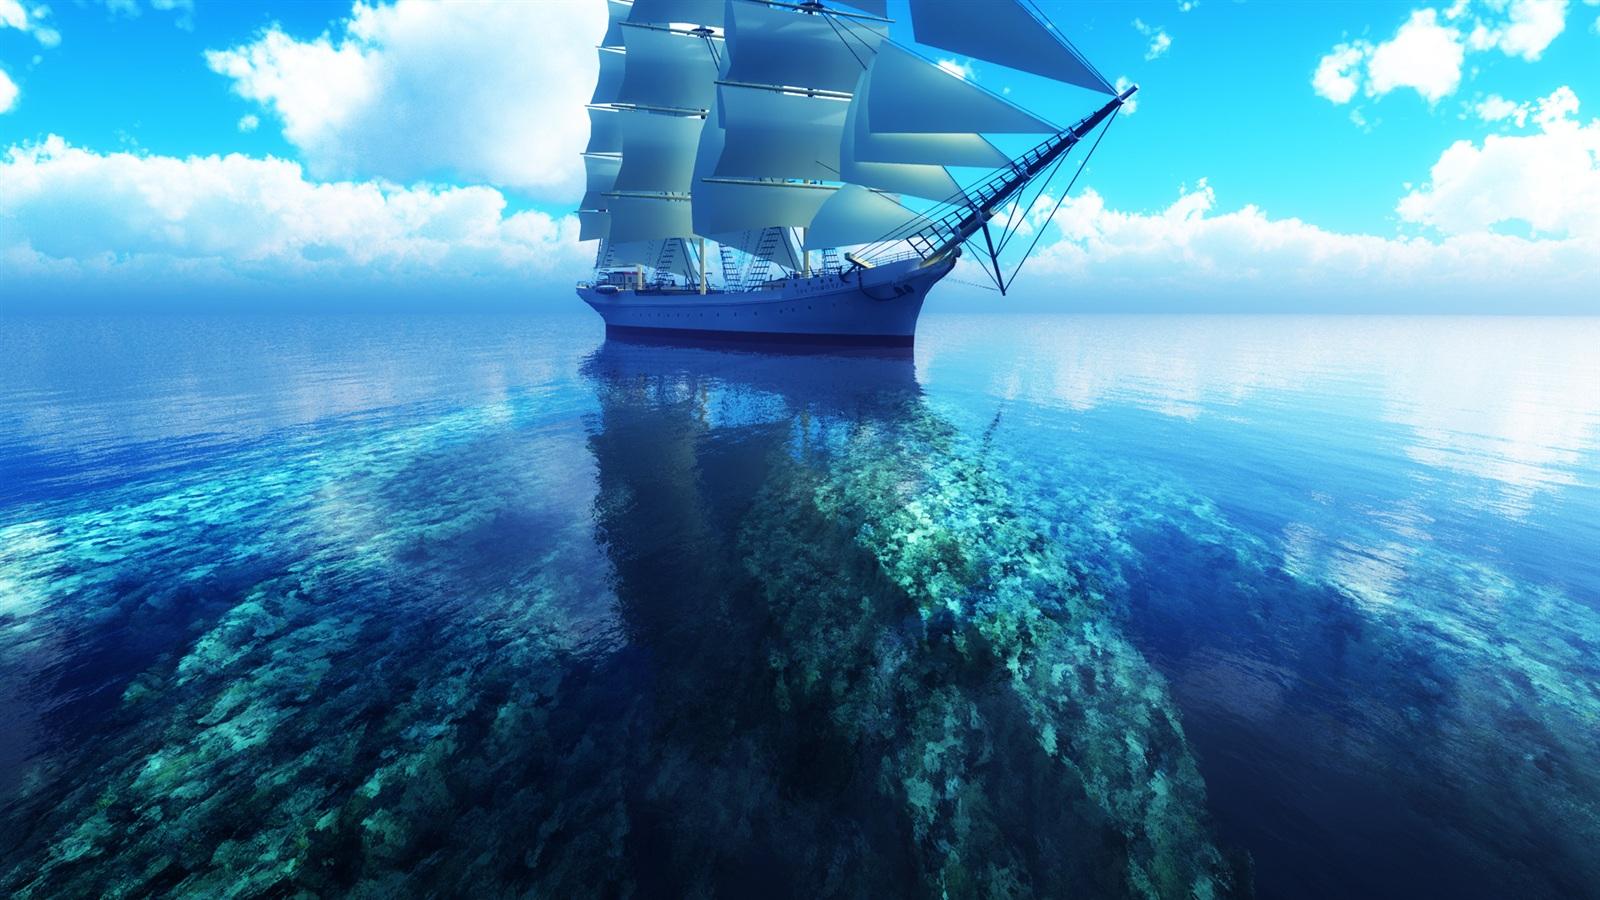 Fonds D'écran 3D Voilier Bleu De La Mer 1920x1200 HD Image